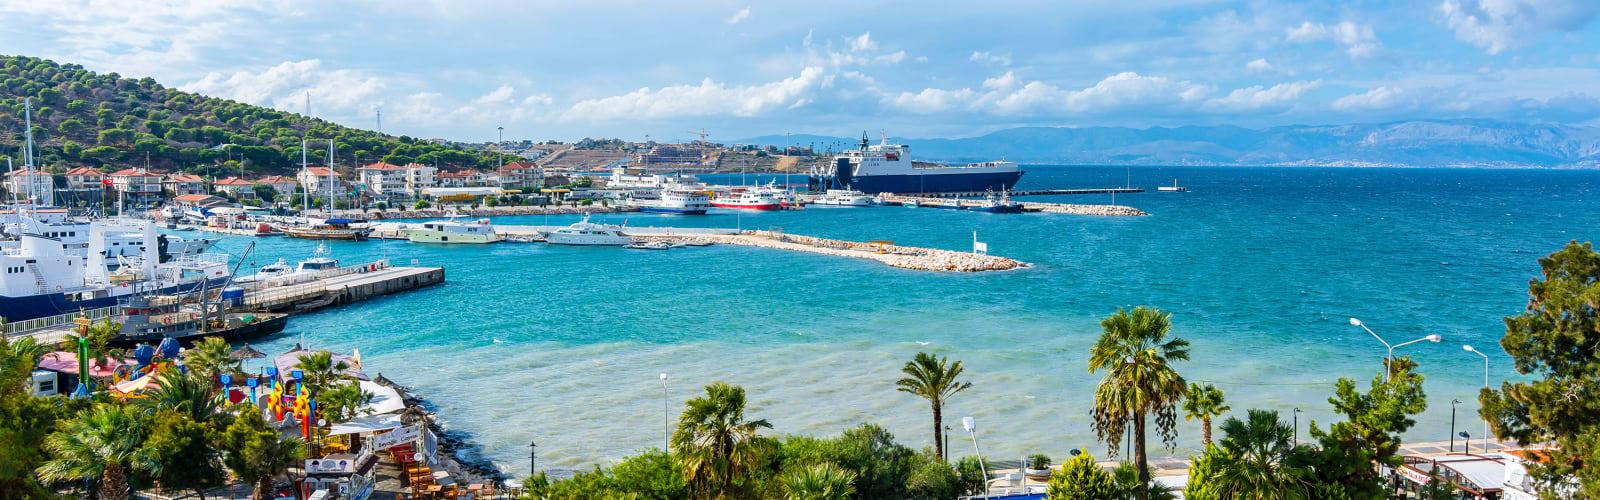 Izmir harbour